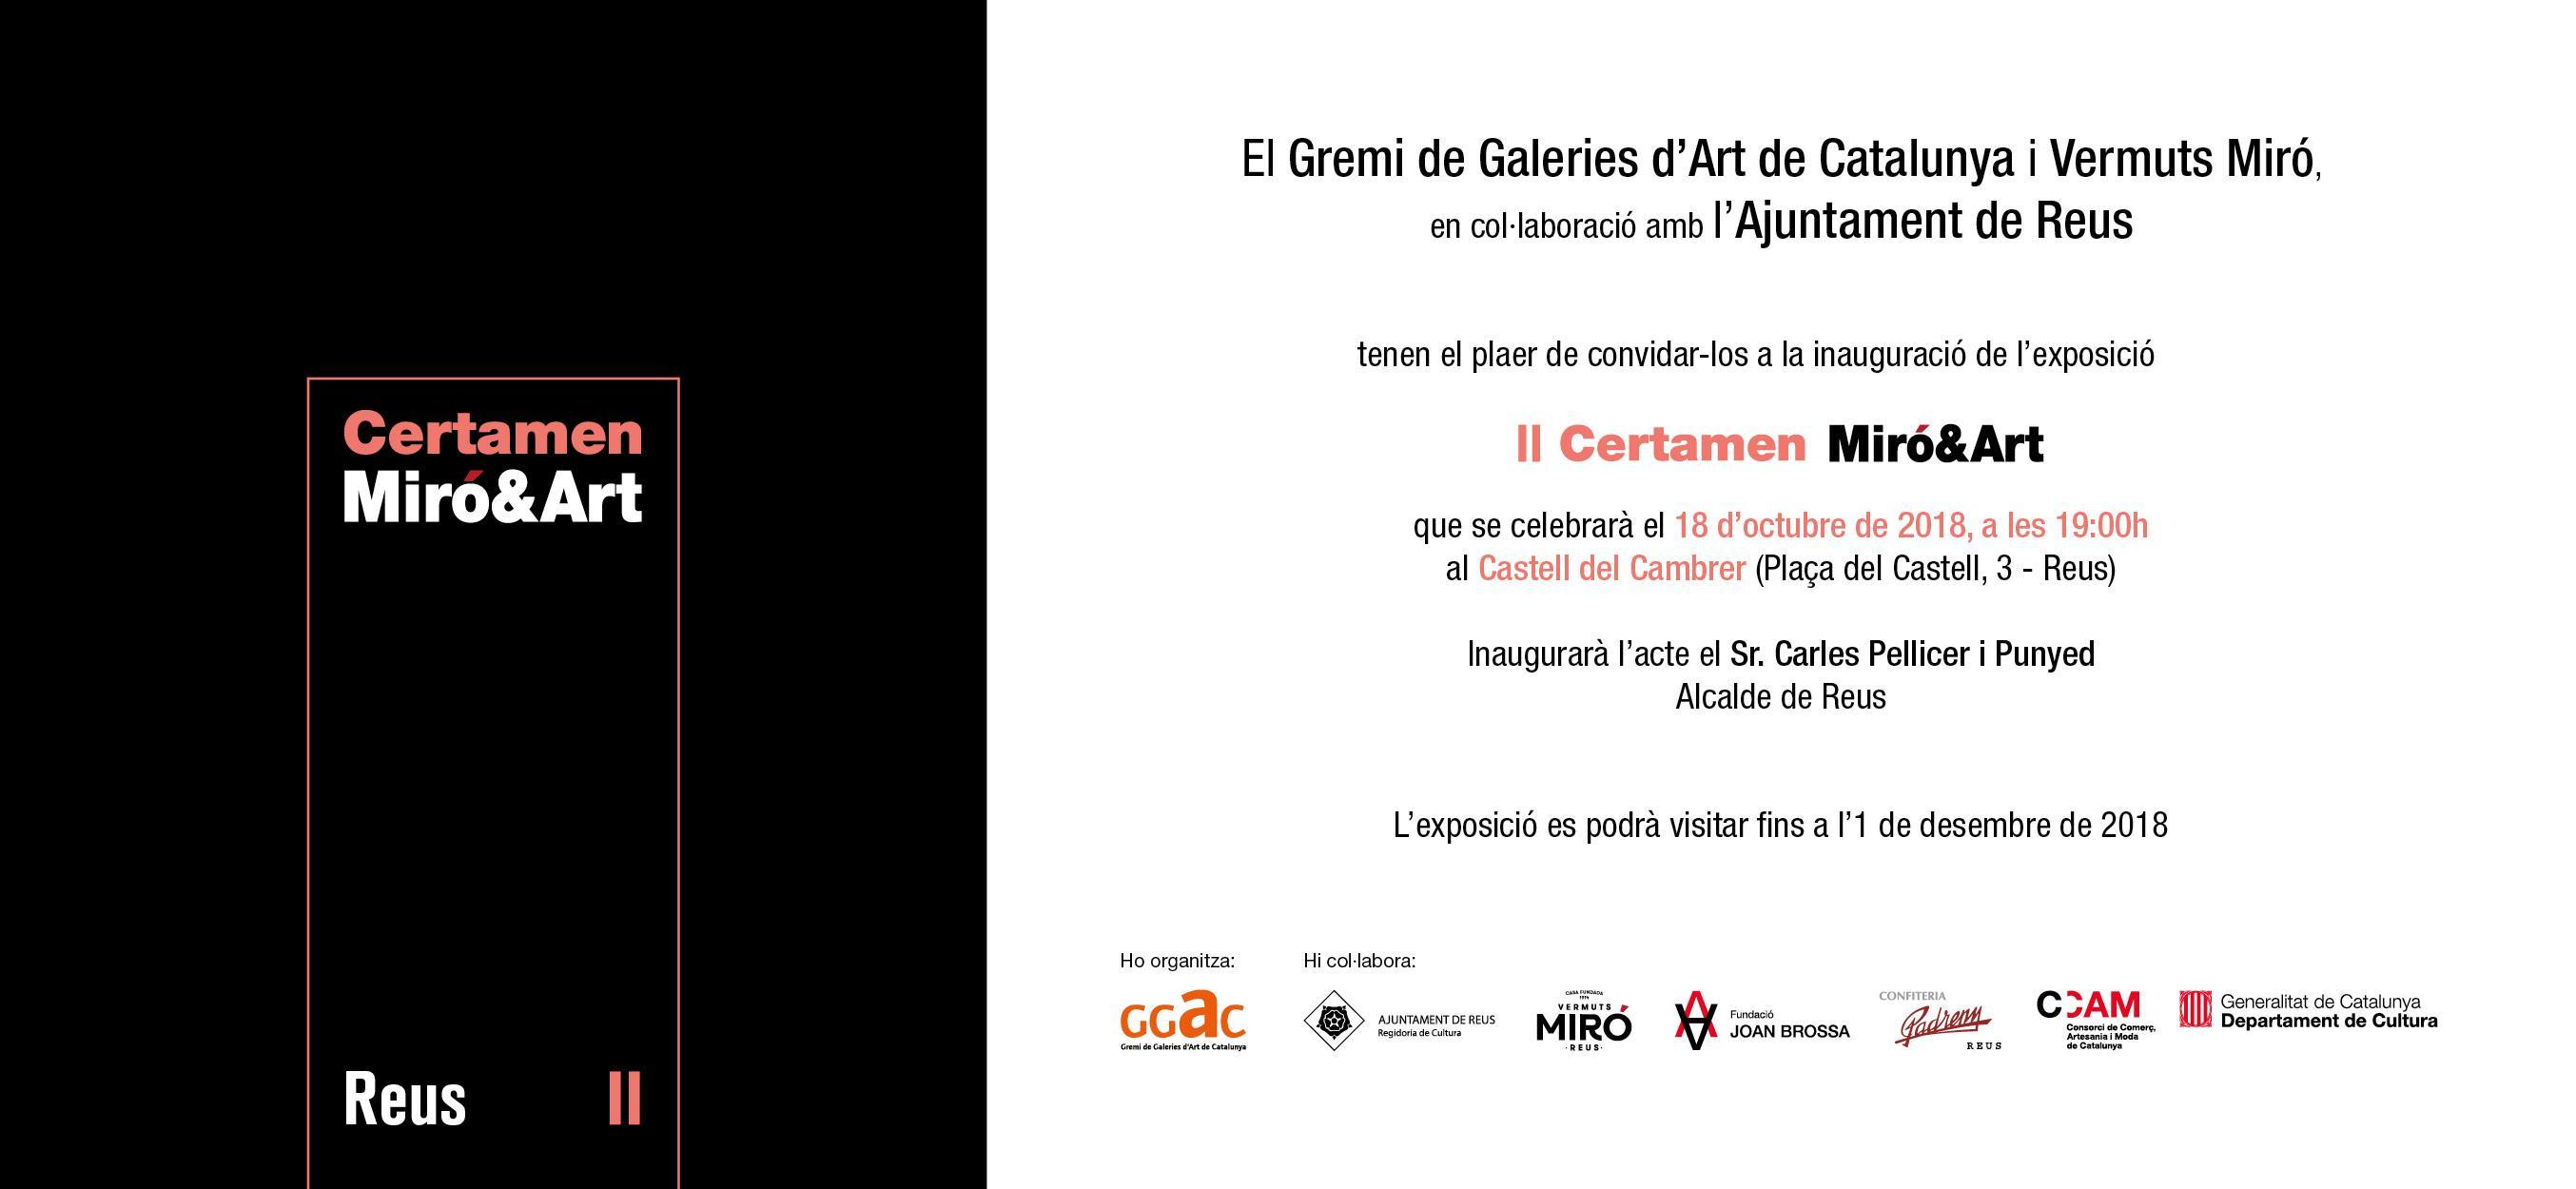 Inauguració del II Certamen Miró&Art